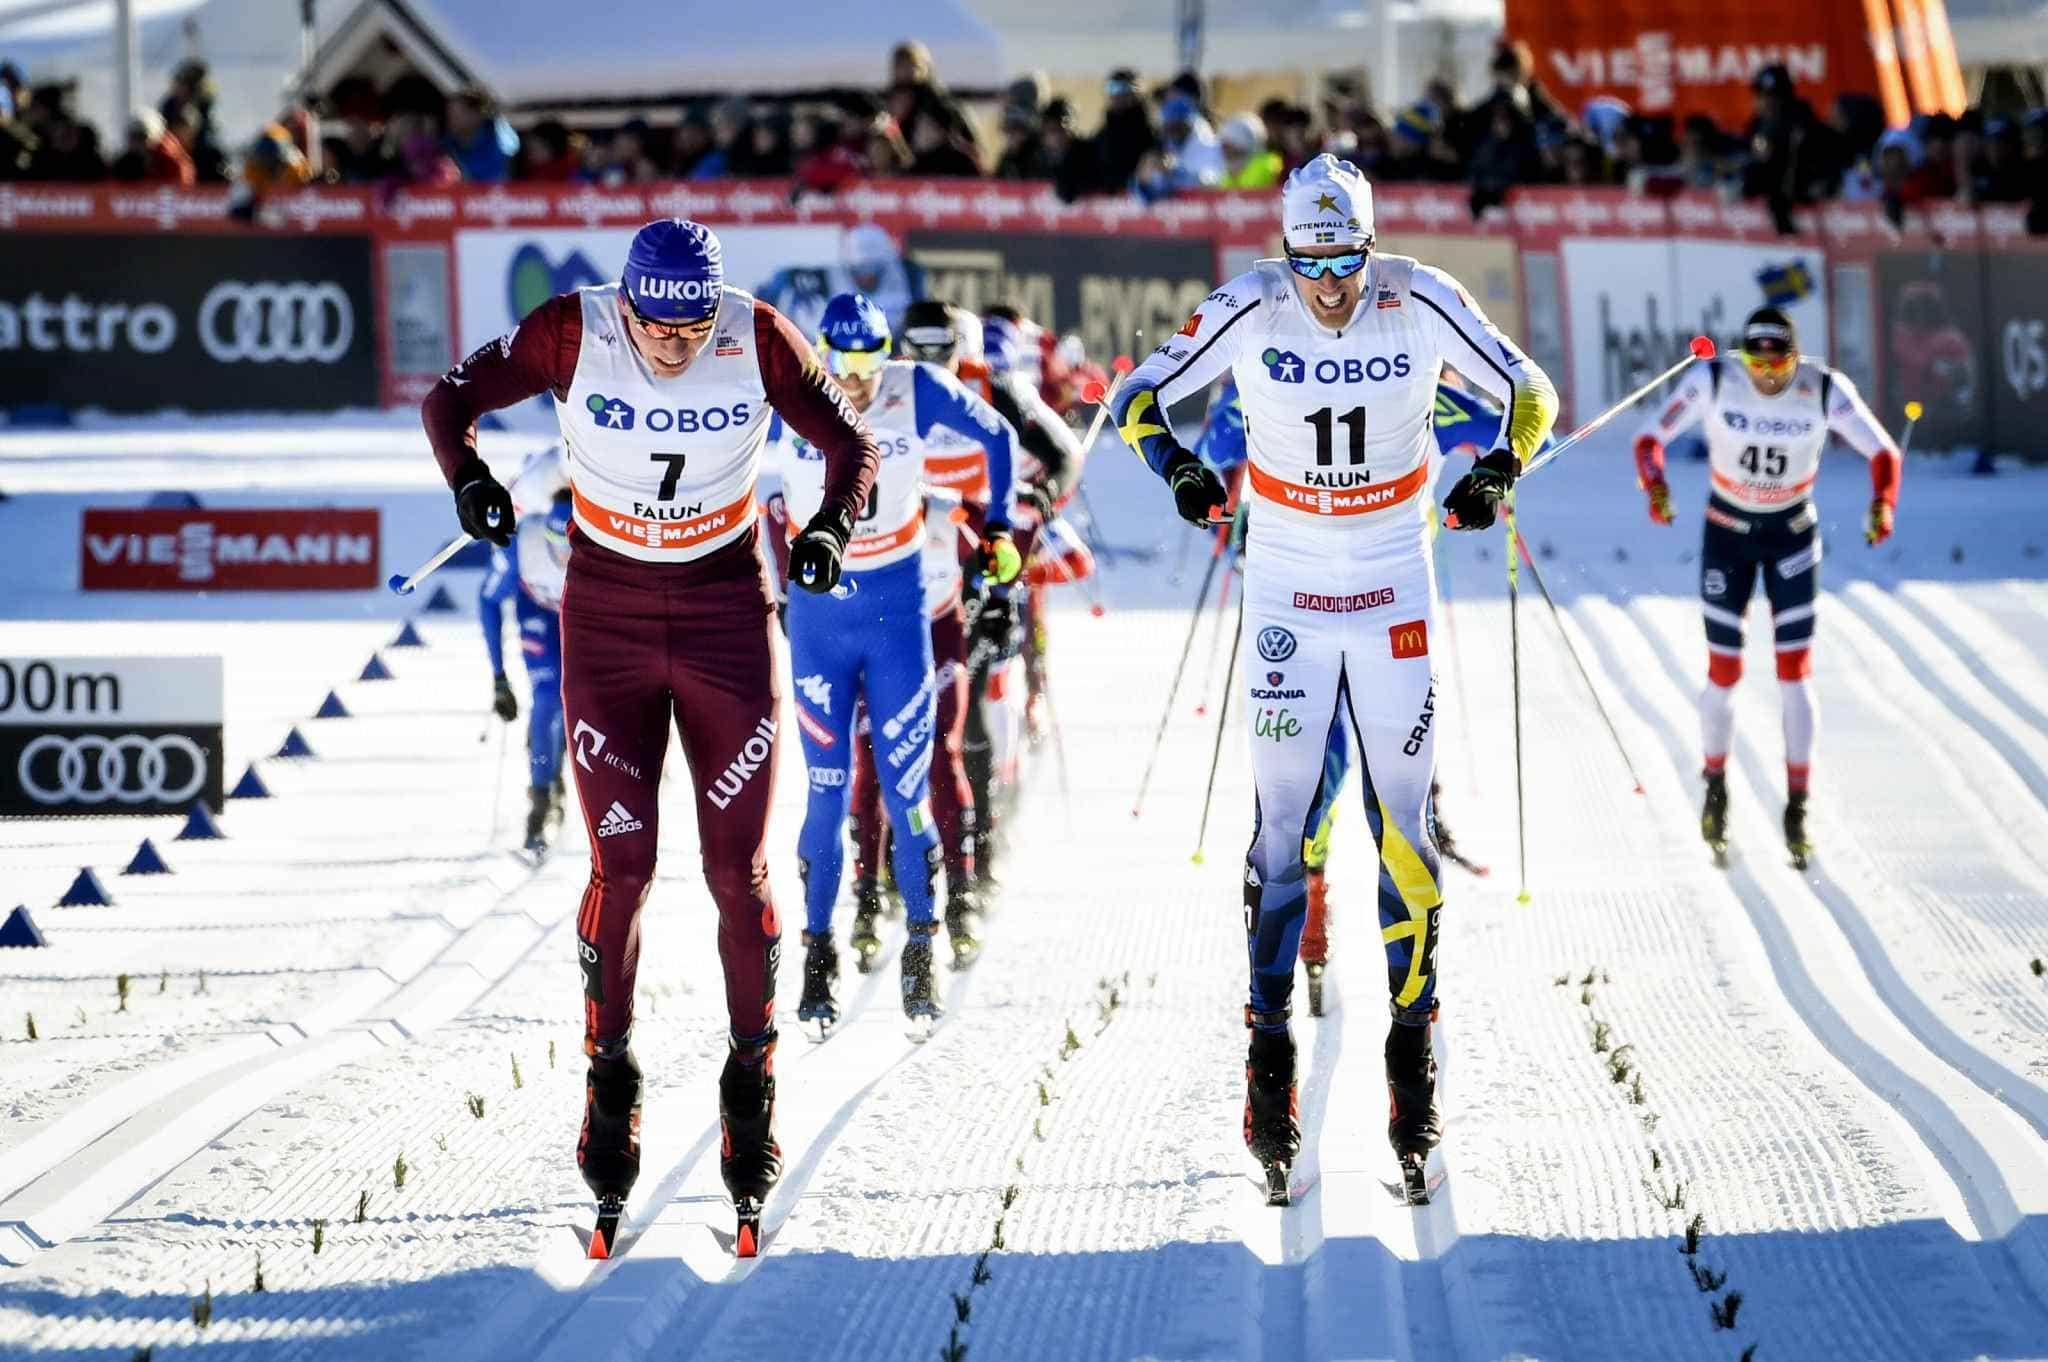 Календарь на Кубок мира по лыжным гонкам 2019/2020